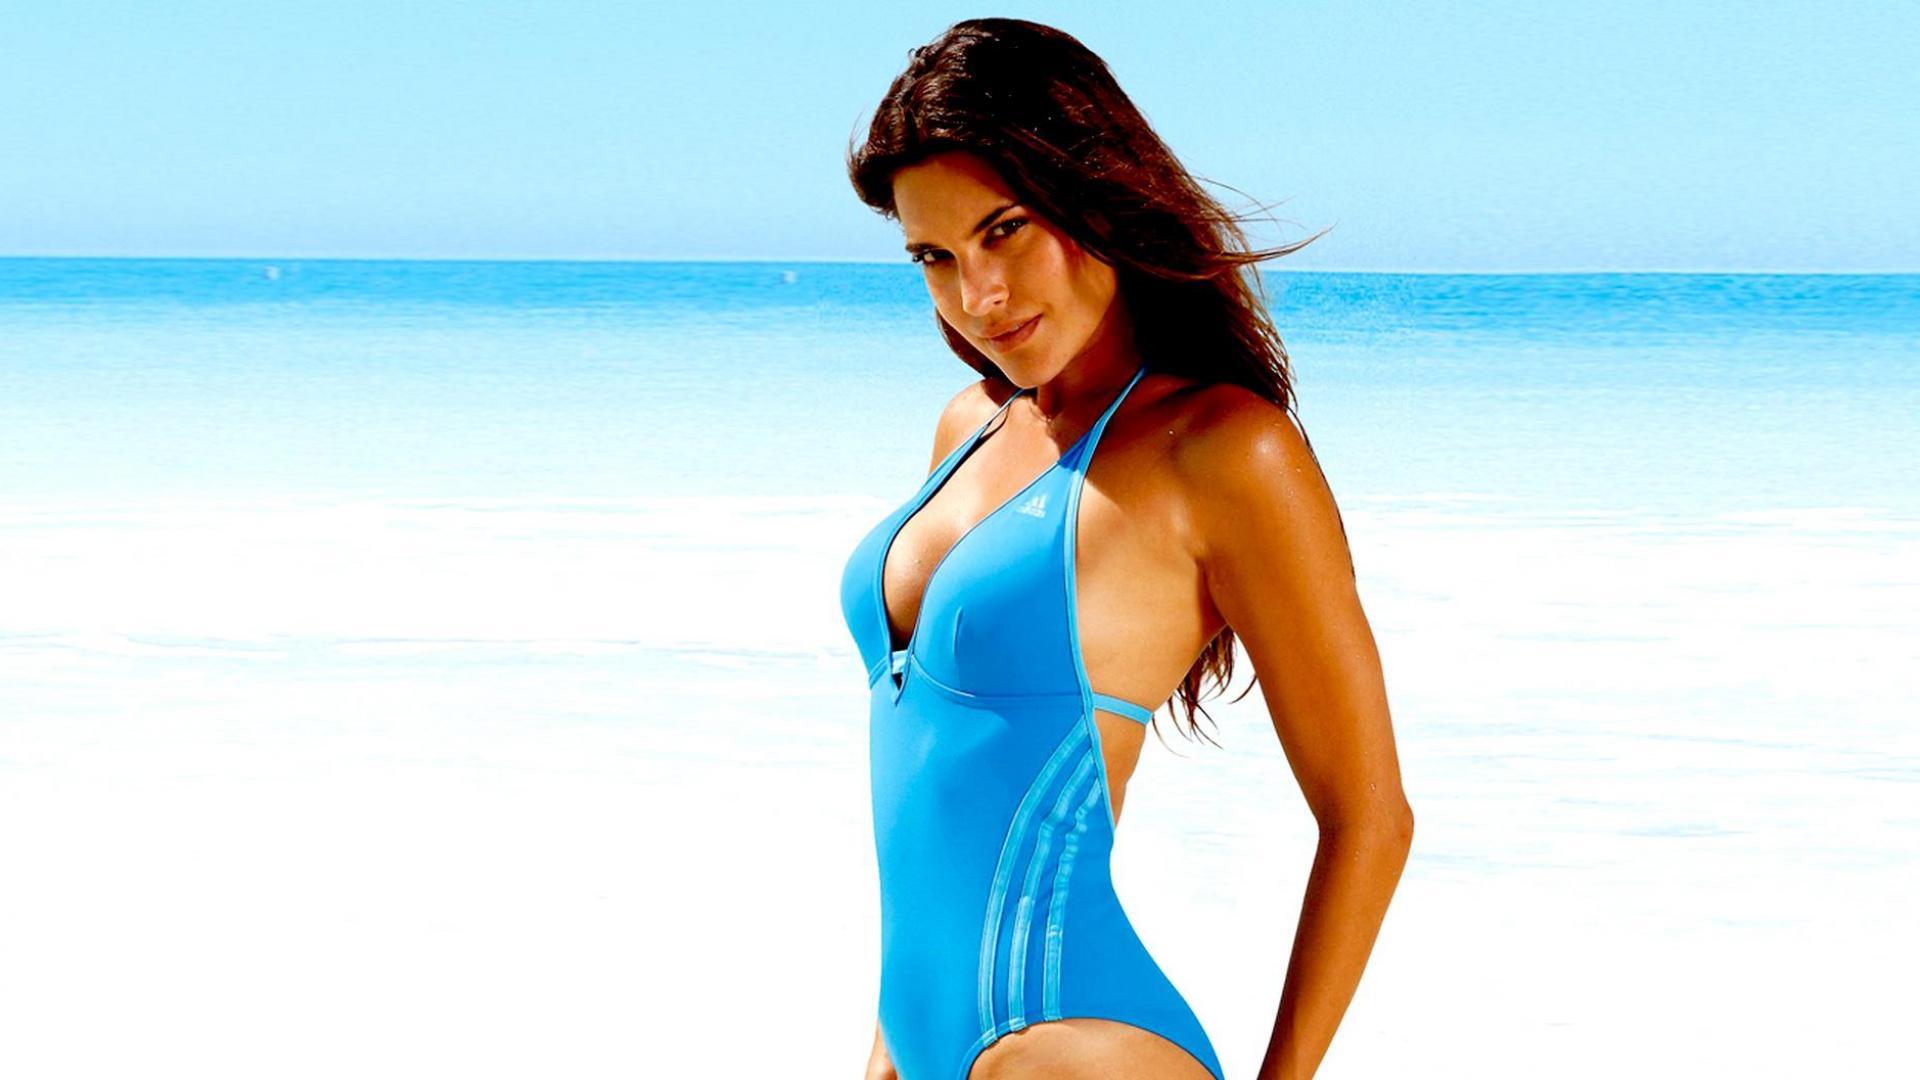 Тёлка на пляже фото 11 фотография